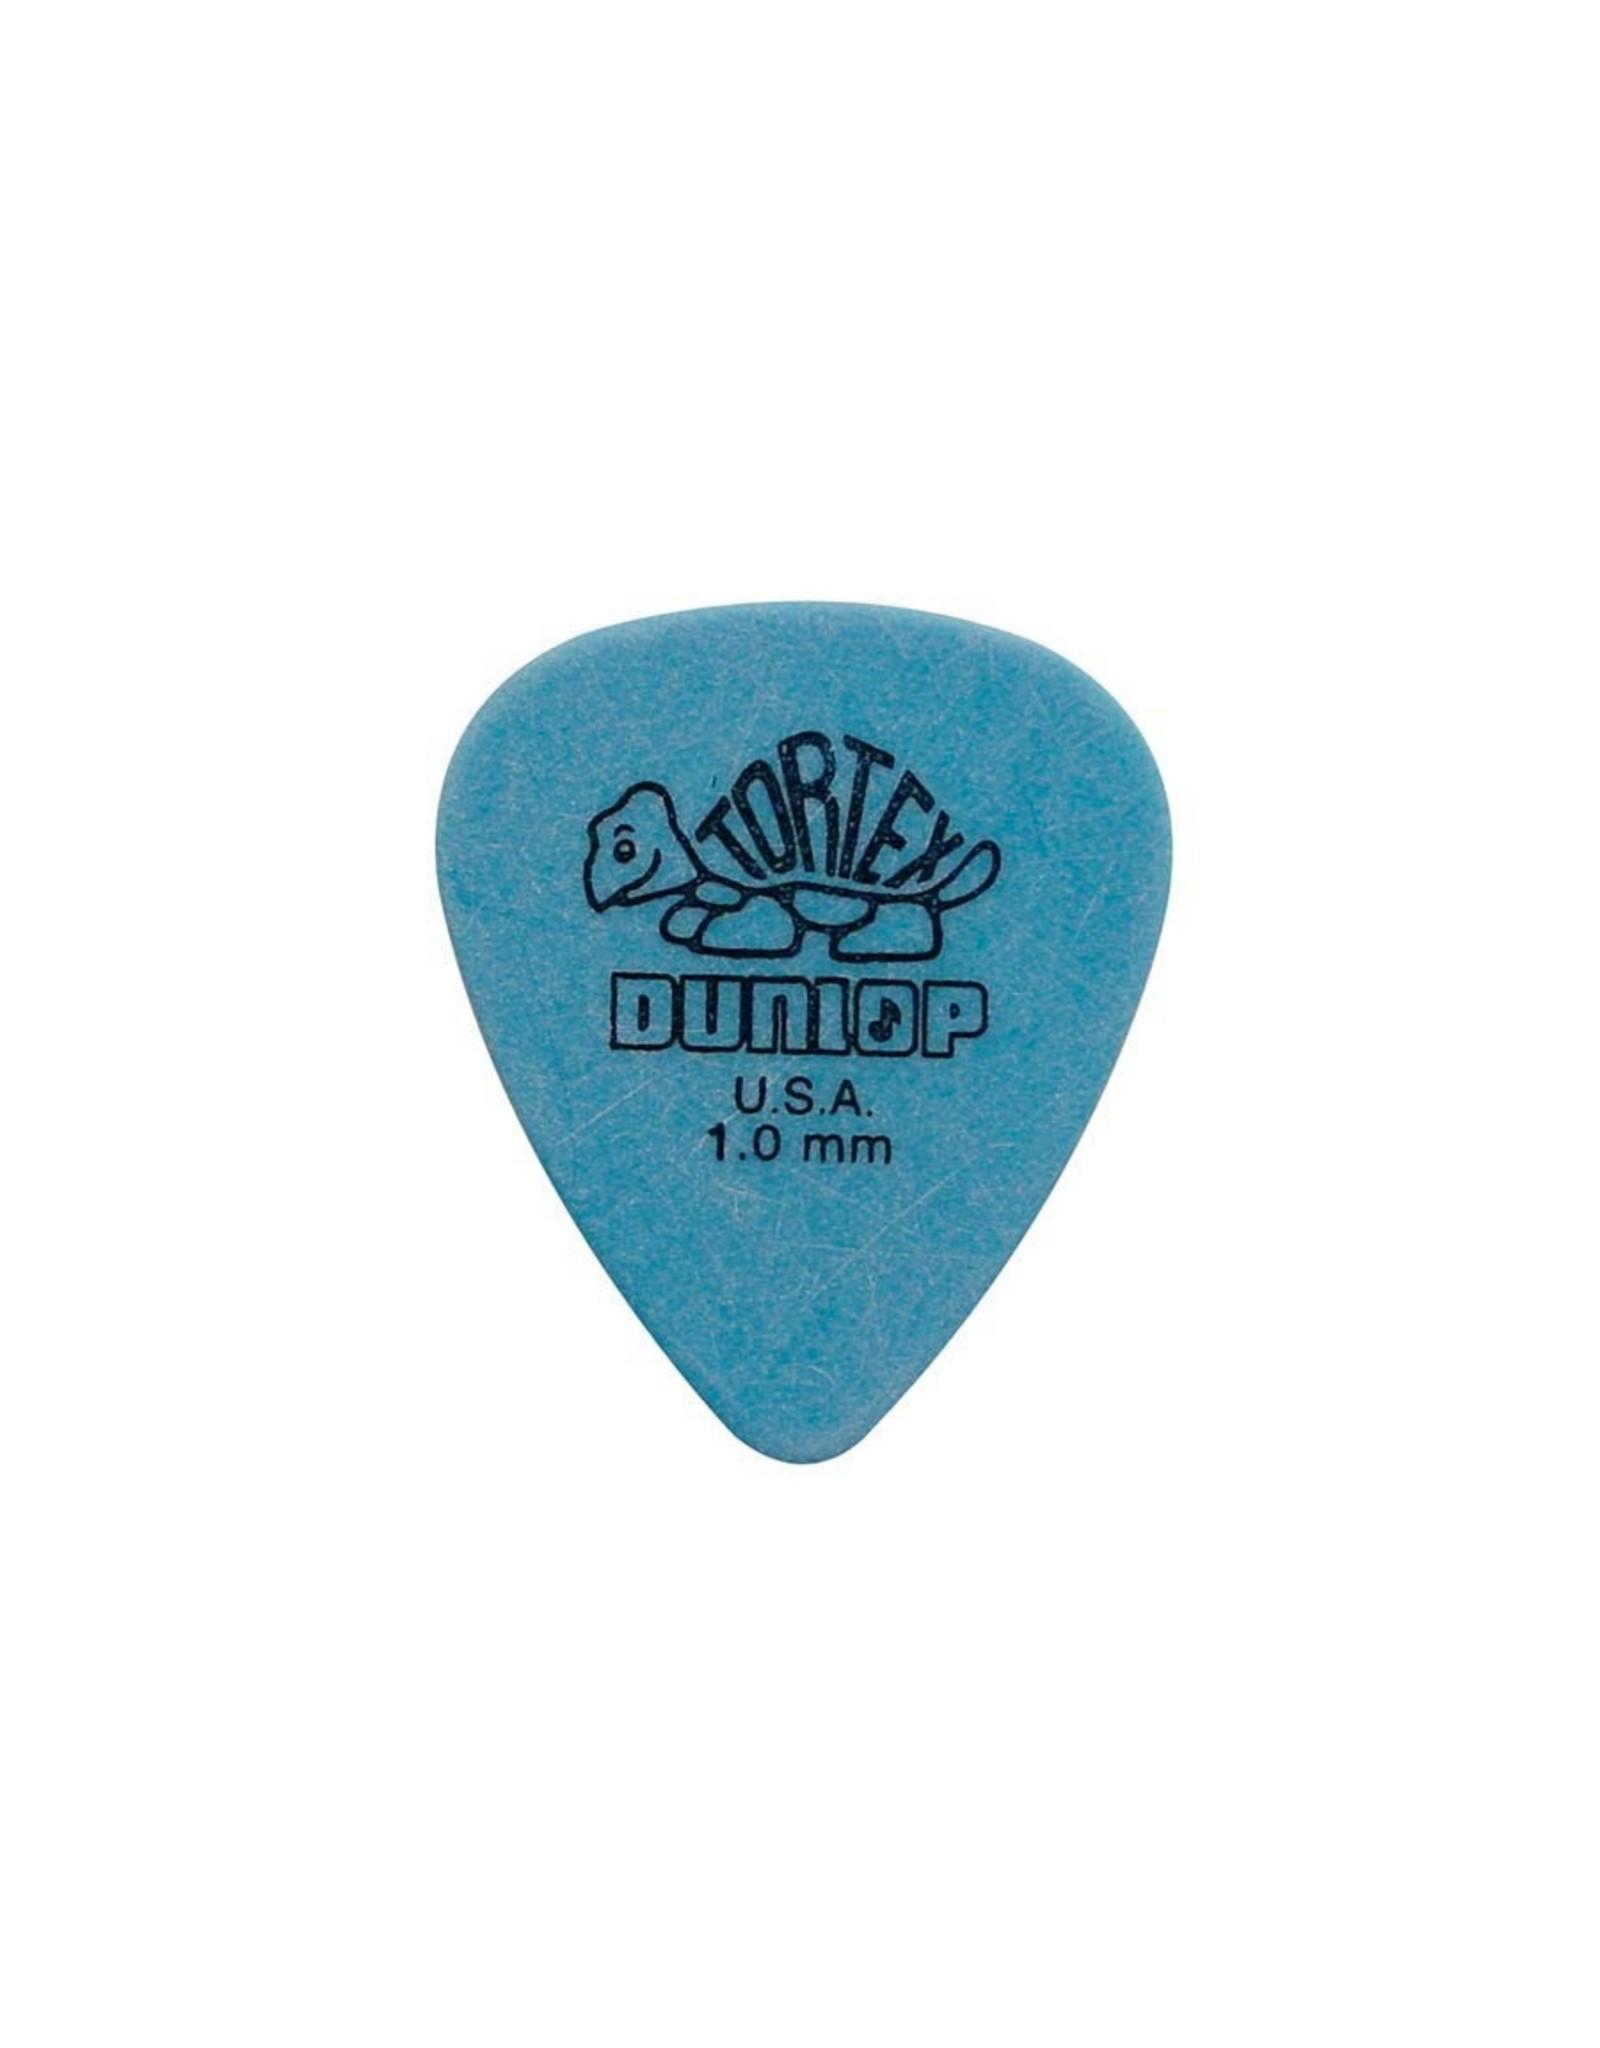 Dunlop      418-R-100| 4x  Dunlop Tortex Standard 1.00 mm. plectra